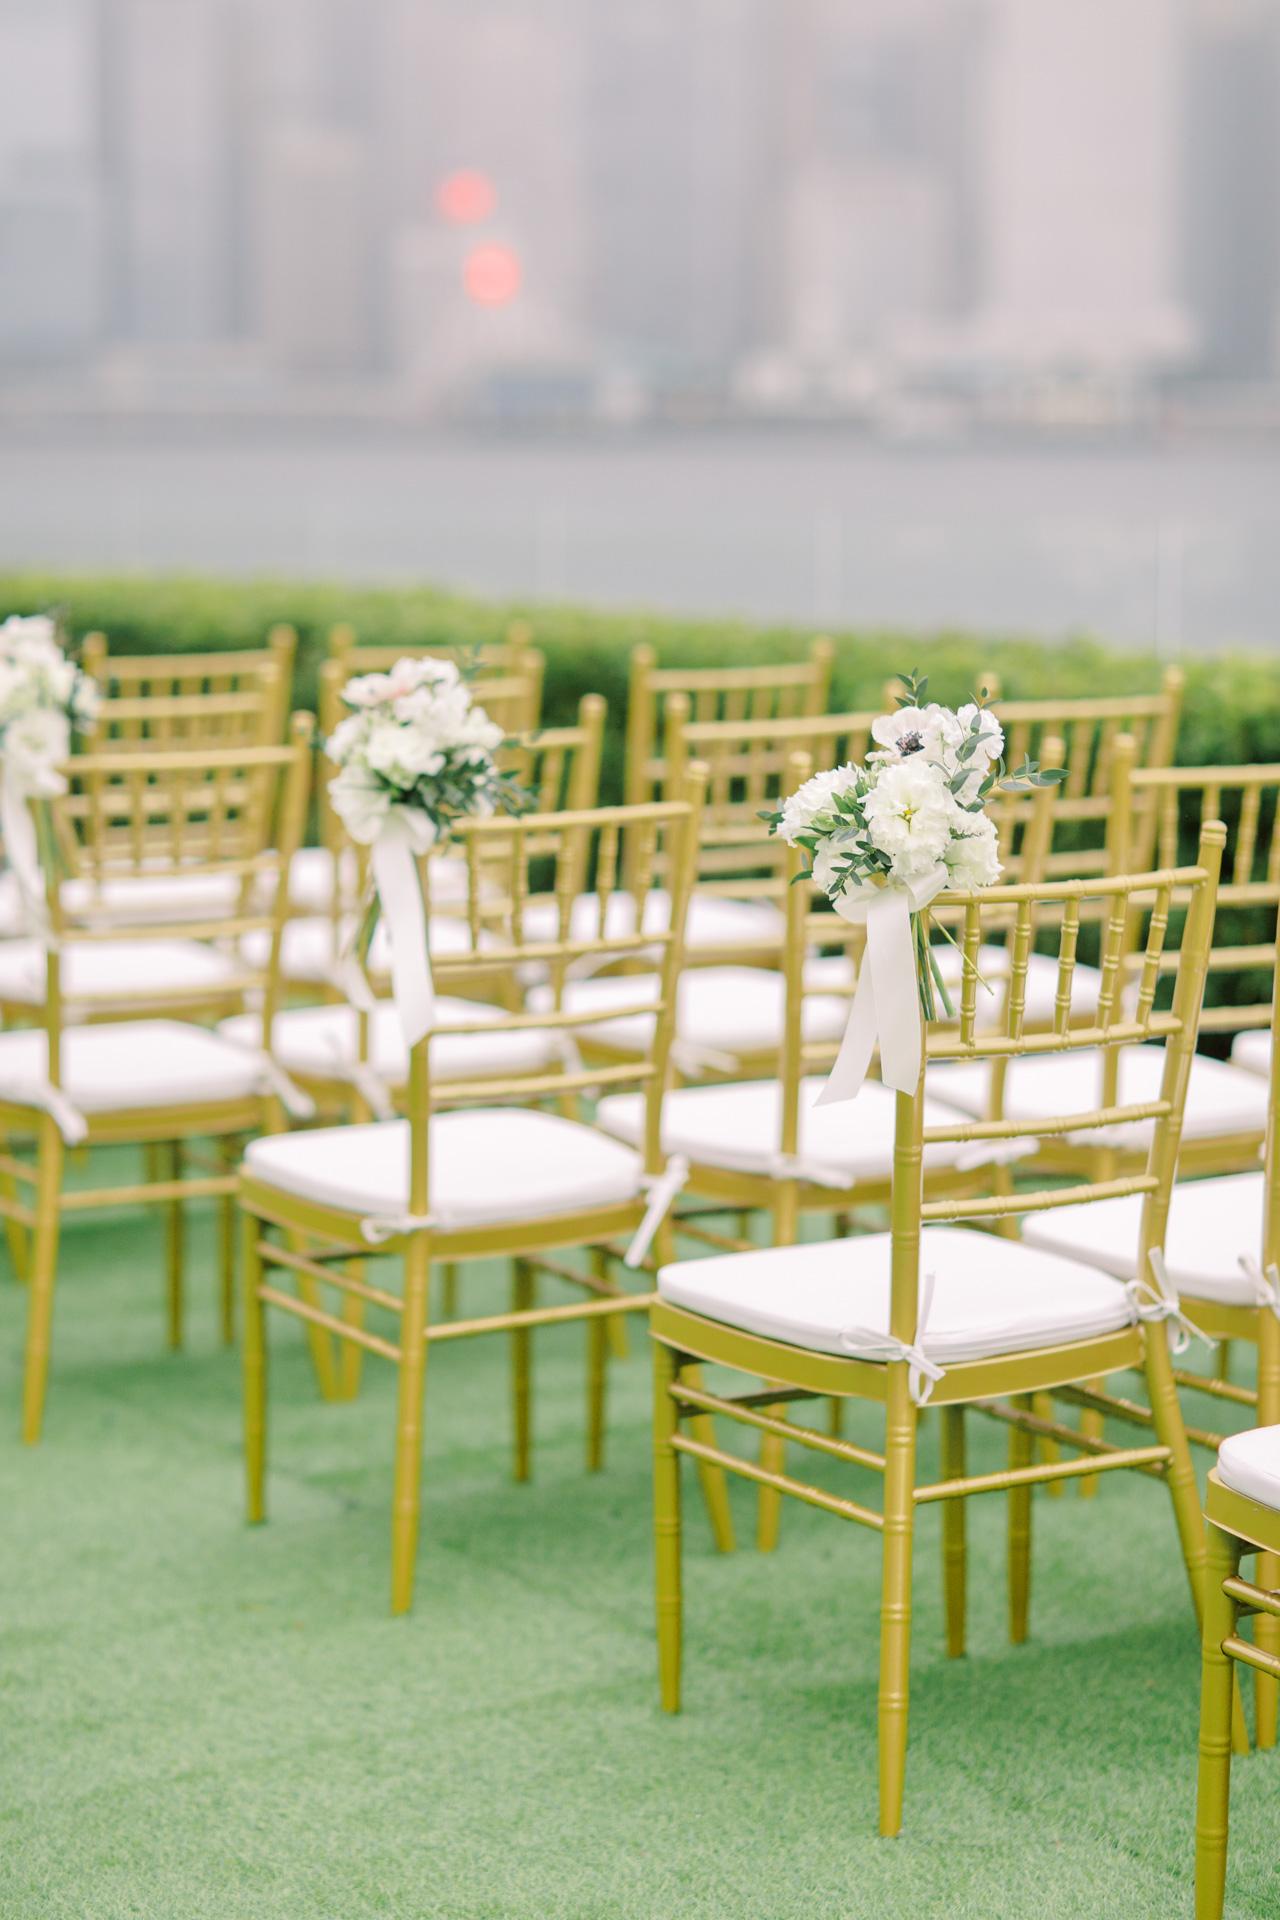 nikkiloveu-hongkong-wedding-day-hexa-ant-cat-lauhaus-011.jpg